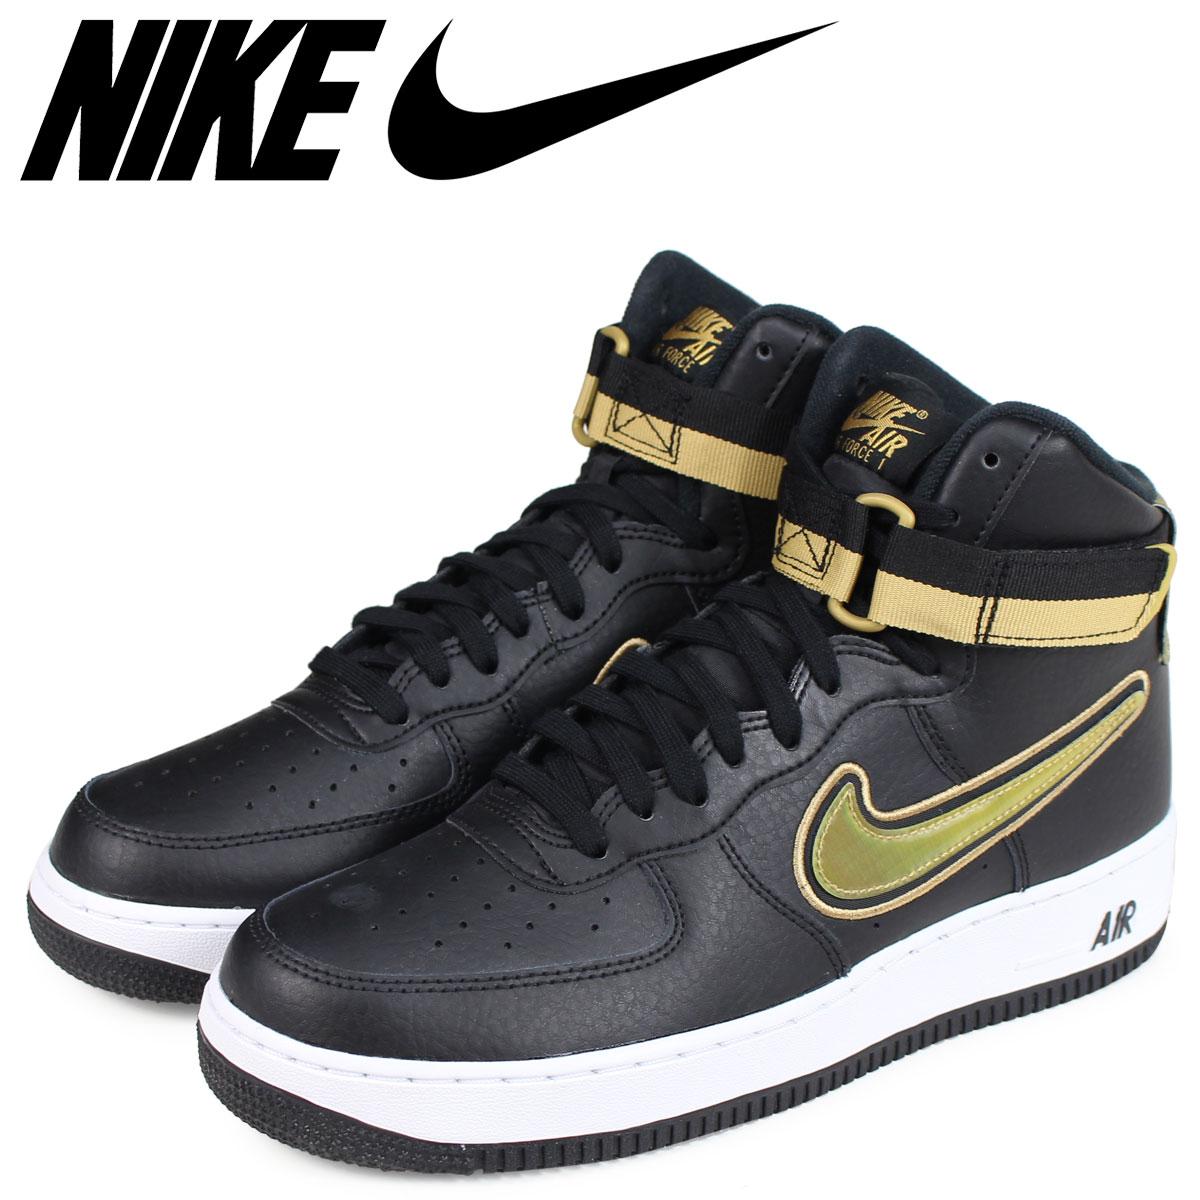 9723412fa2 Sugar Online Shop: NIKE Nike air force 1 sneakers men AIR FORCE 1 ...